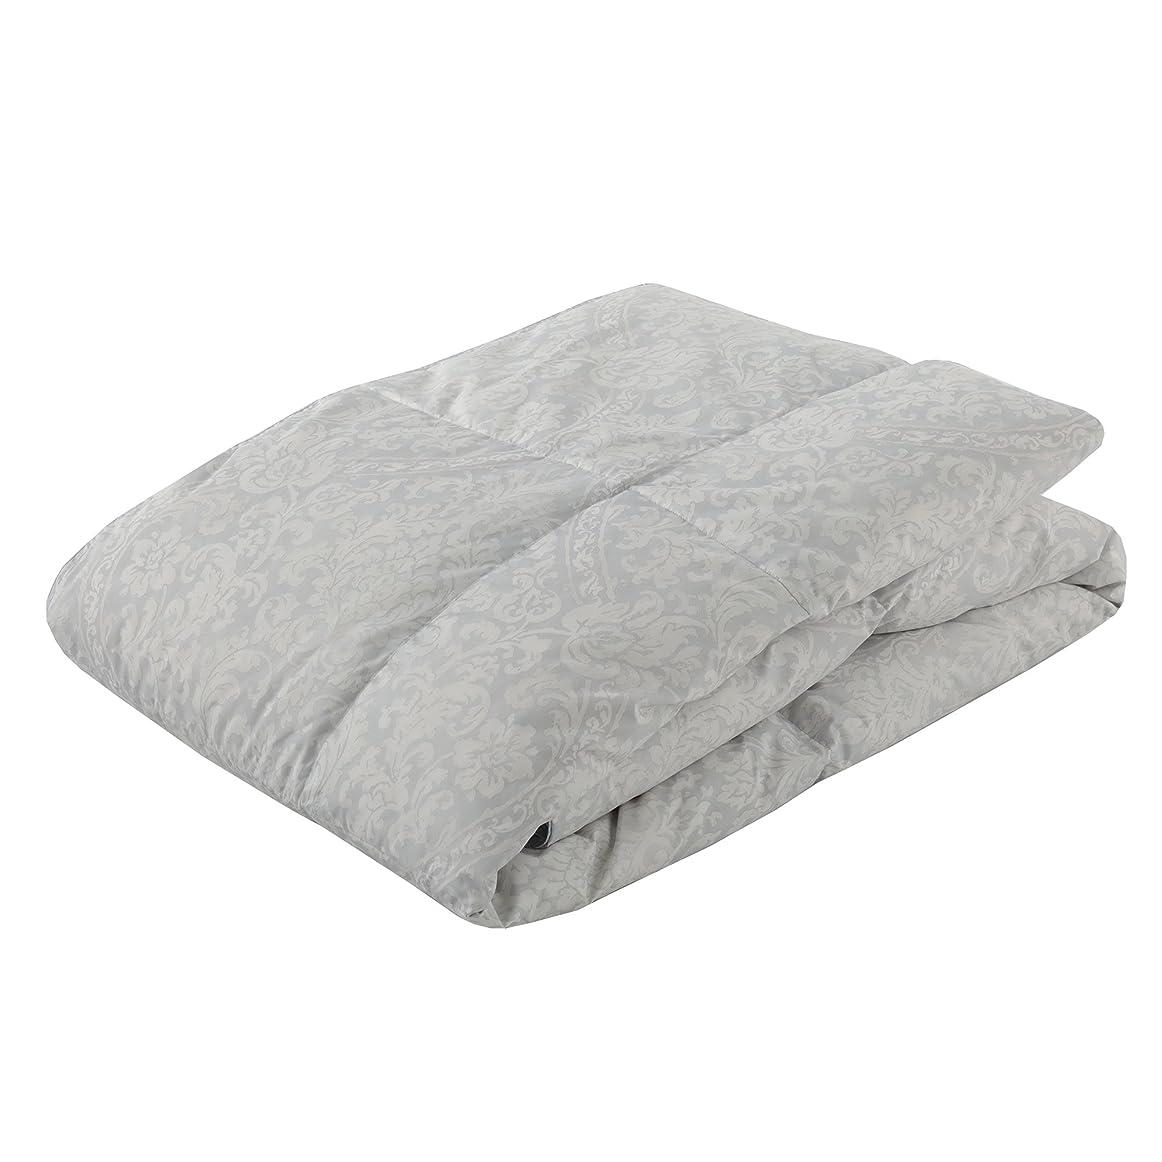 ステッチピクニック安価な東京西川 ダウンケット (羽毛肌掛け布団) シングル 洗える ホワイトダックダウン70% 抗菌防臭 軽量生地 クレセント オーナメント模様 B2(グレー) KE08005002B2